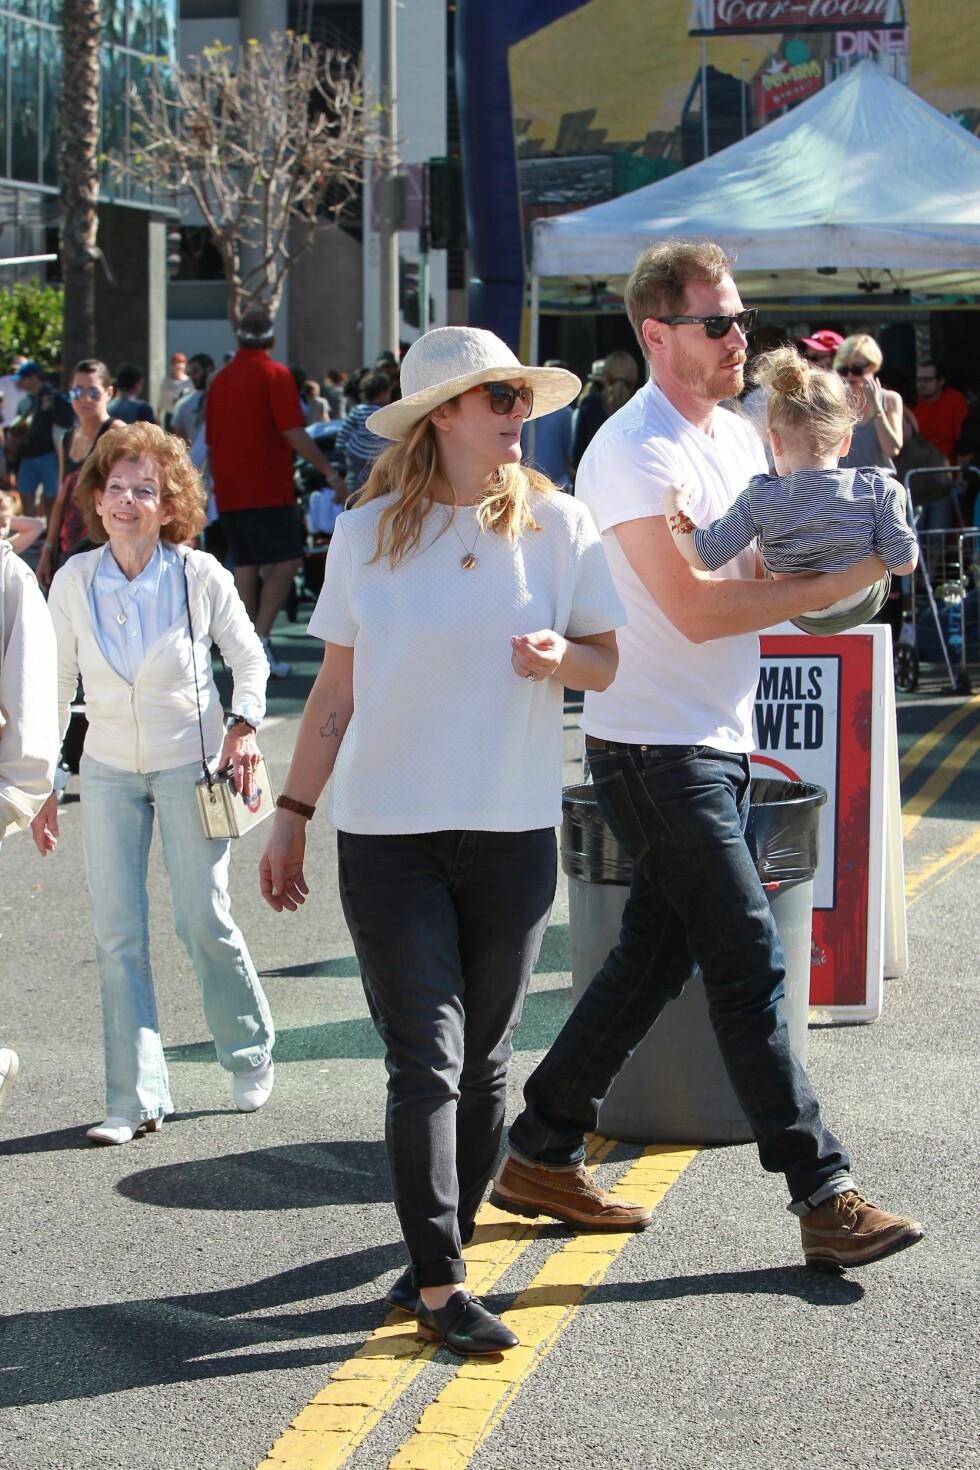 <strong>ELSKER FAMILIELIVET:</strong> Drew Barrymore sammen med ektemannen Will Kopelman og eldstedatteren Olive på et marked for lokal mat i slutten av januar. Foto: Stella Pictures